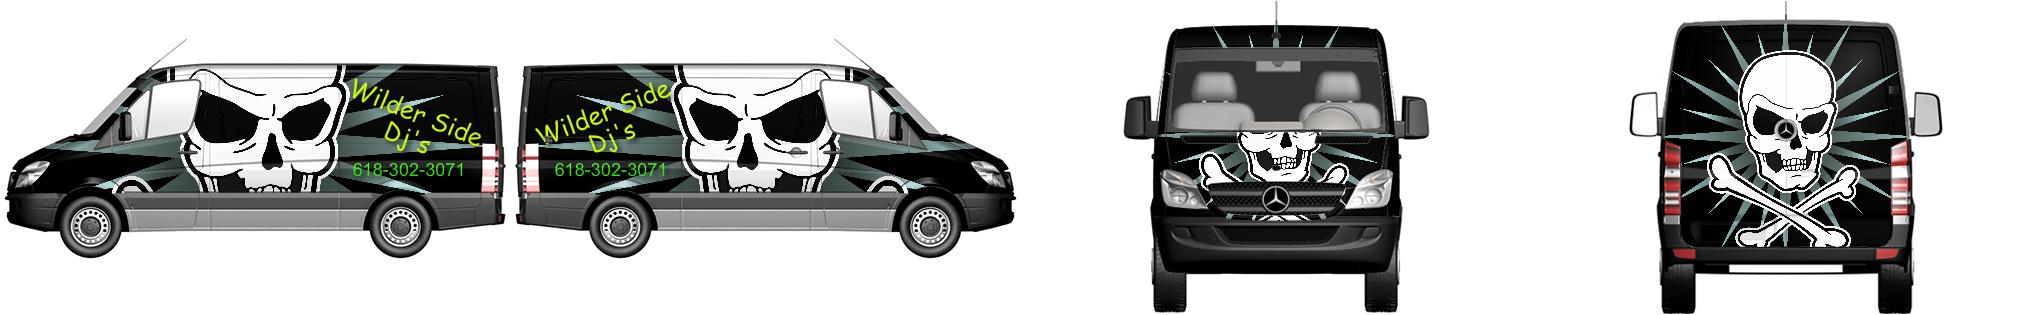 Van Wrap #898